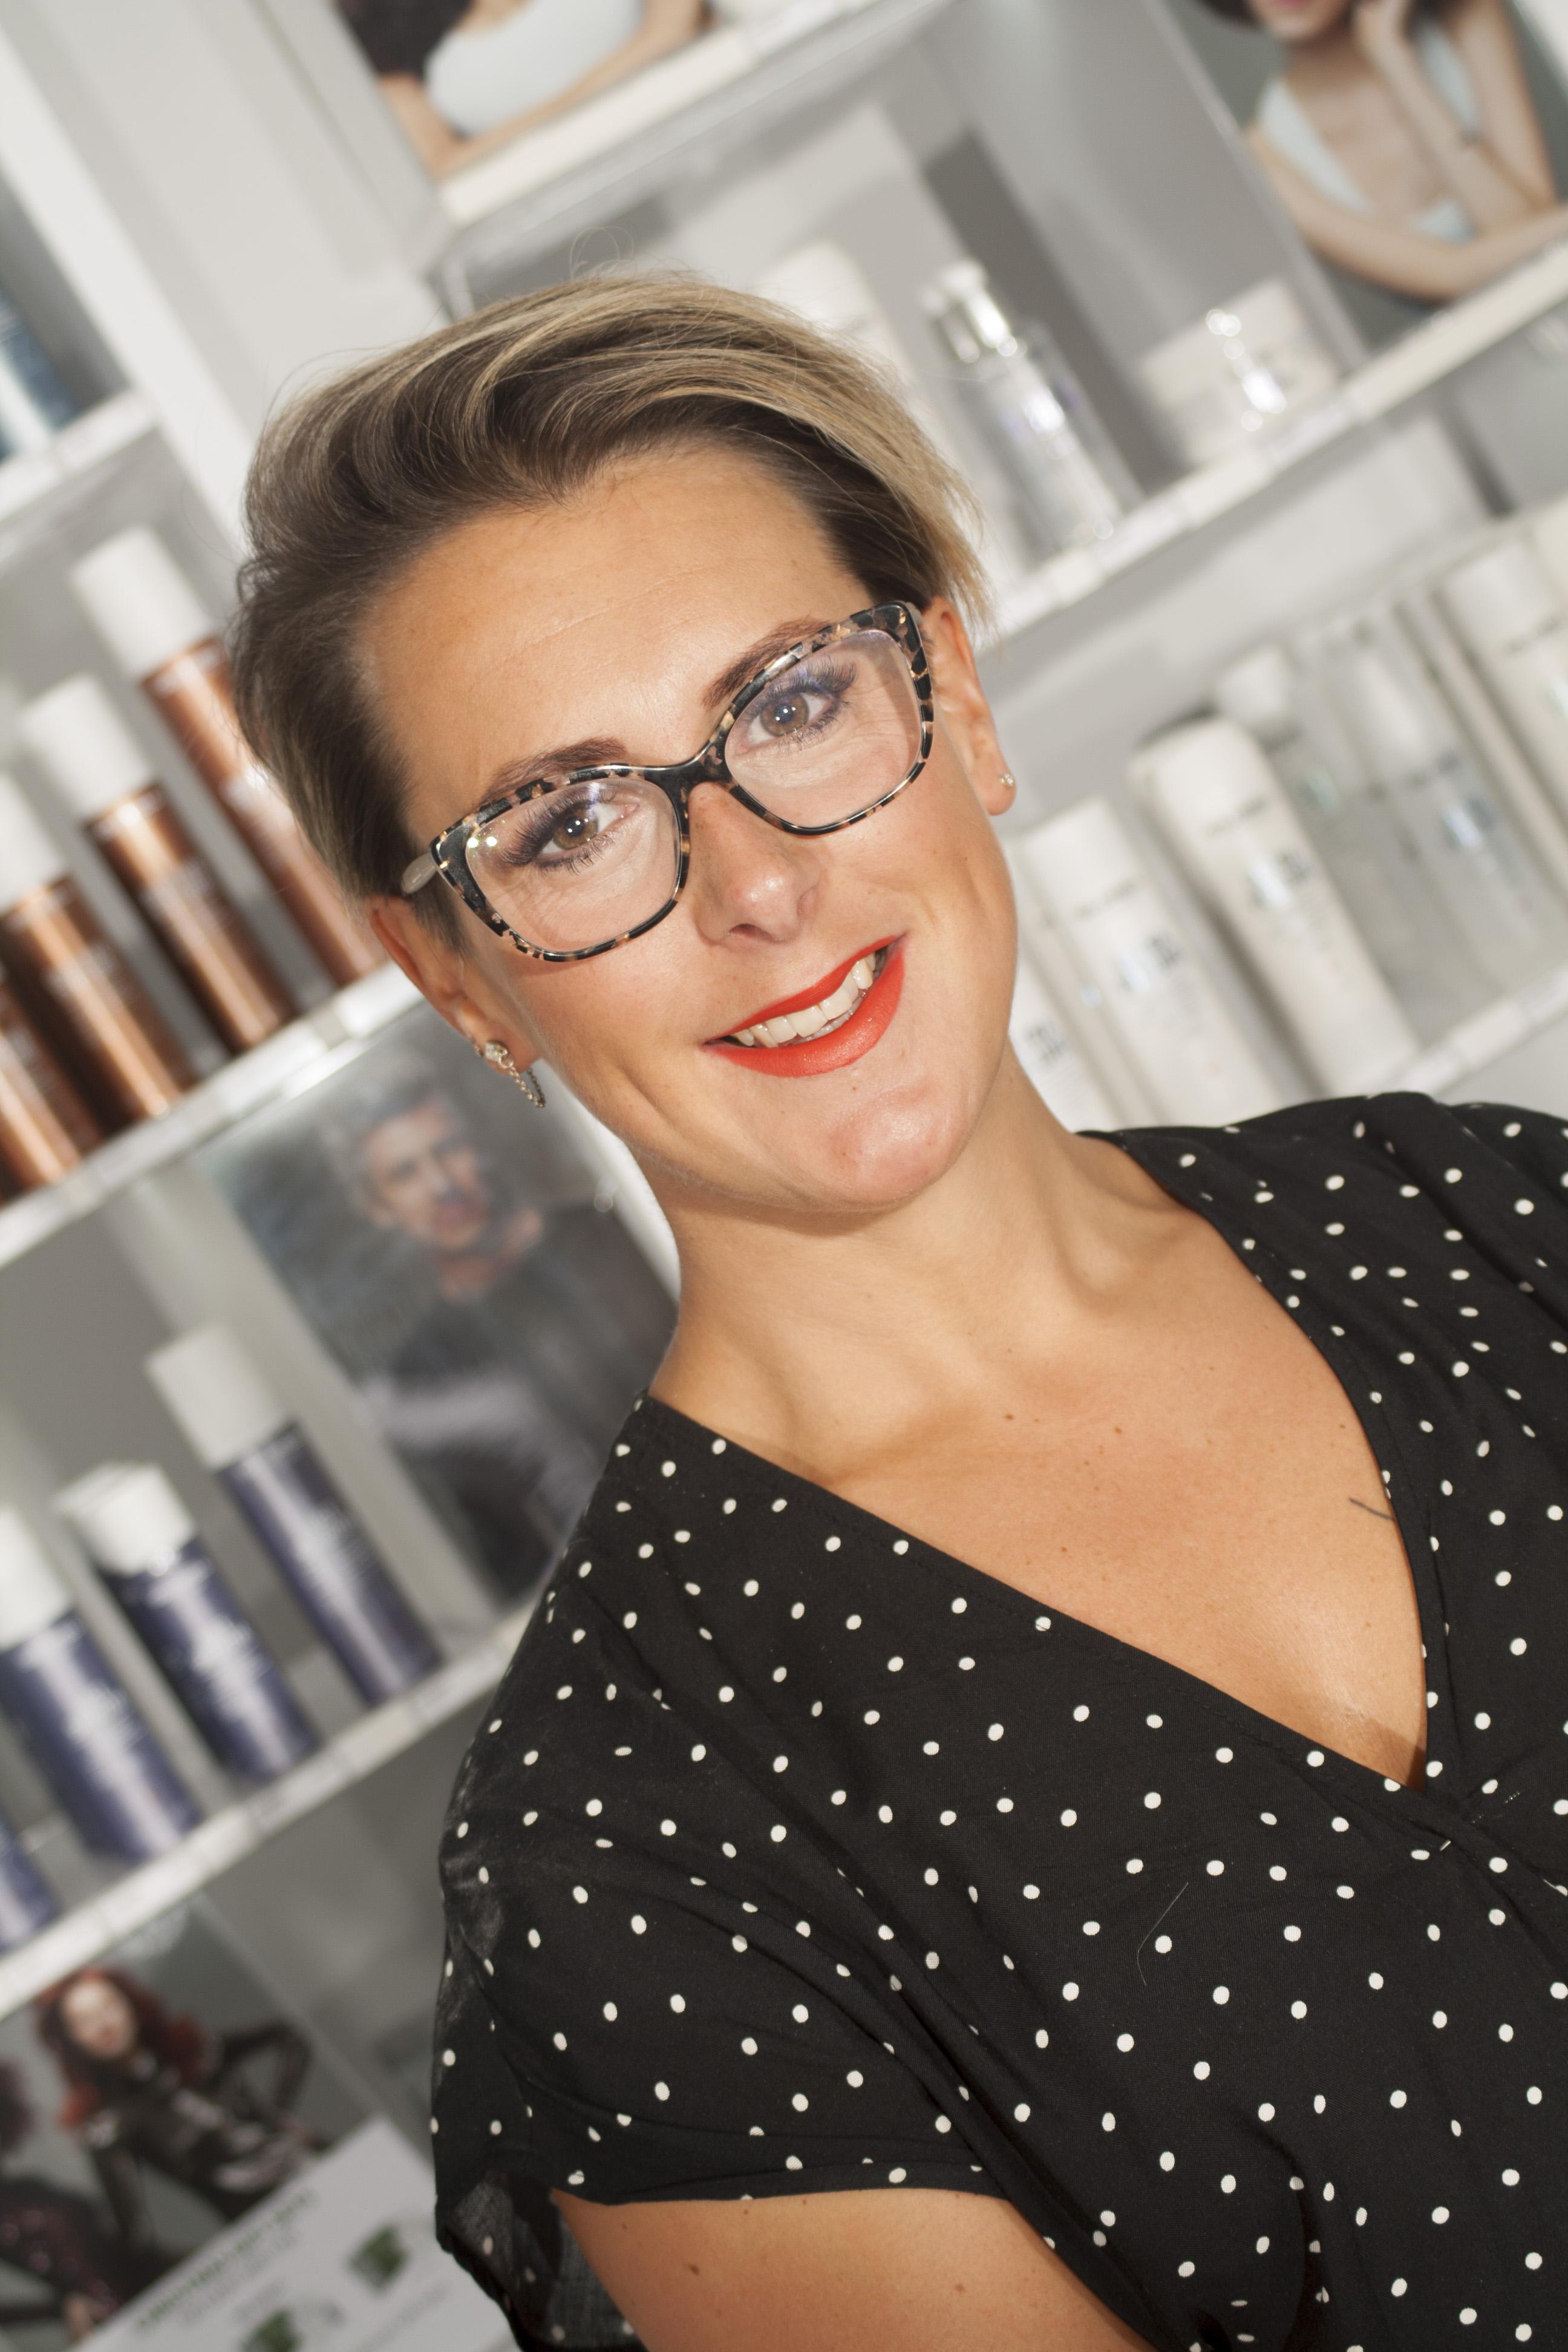 Donna Ryder / Salon Manager